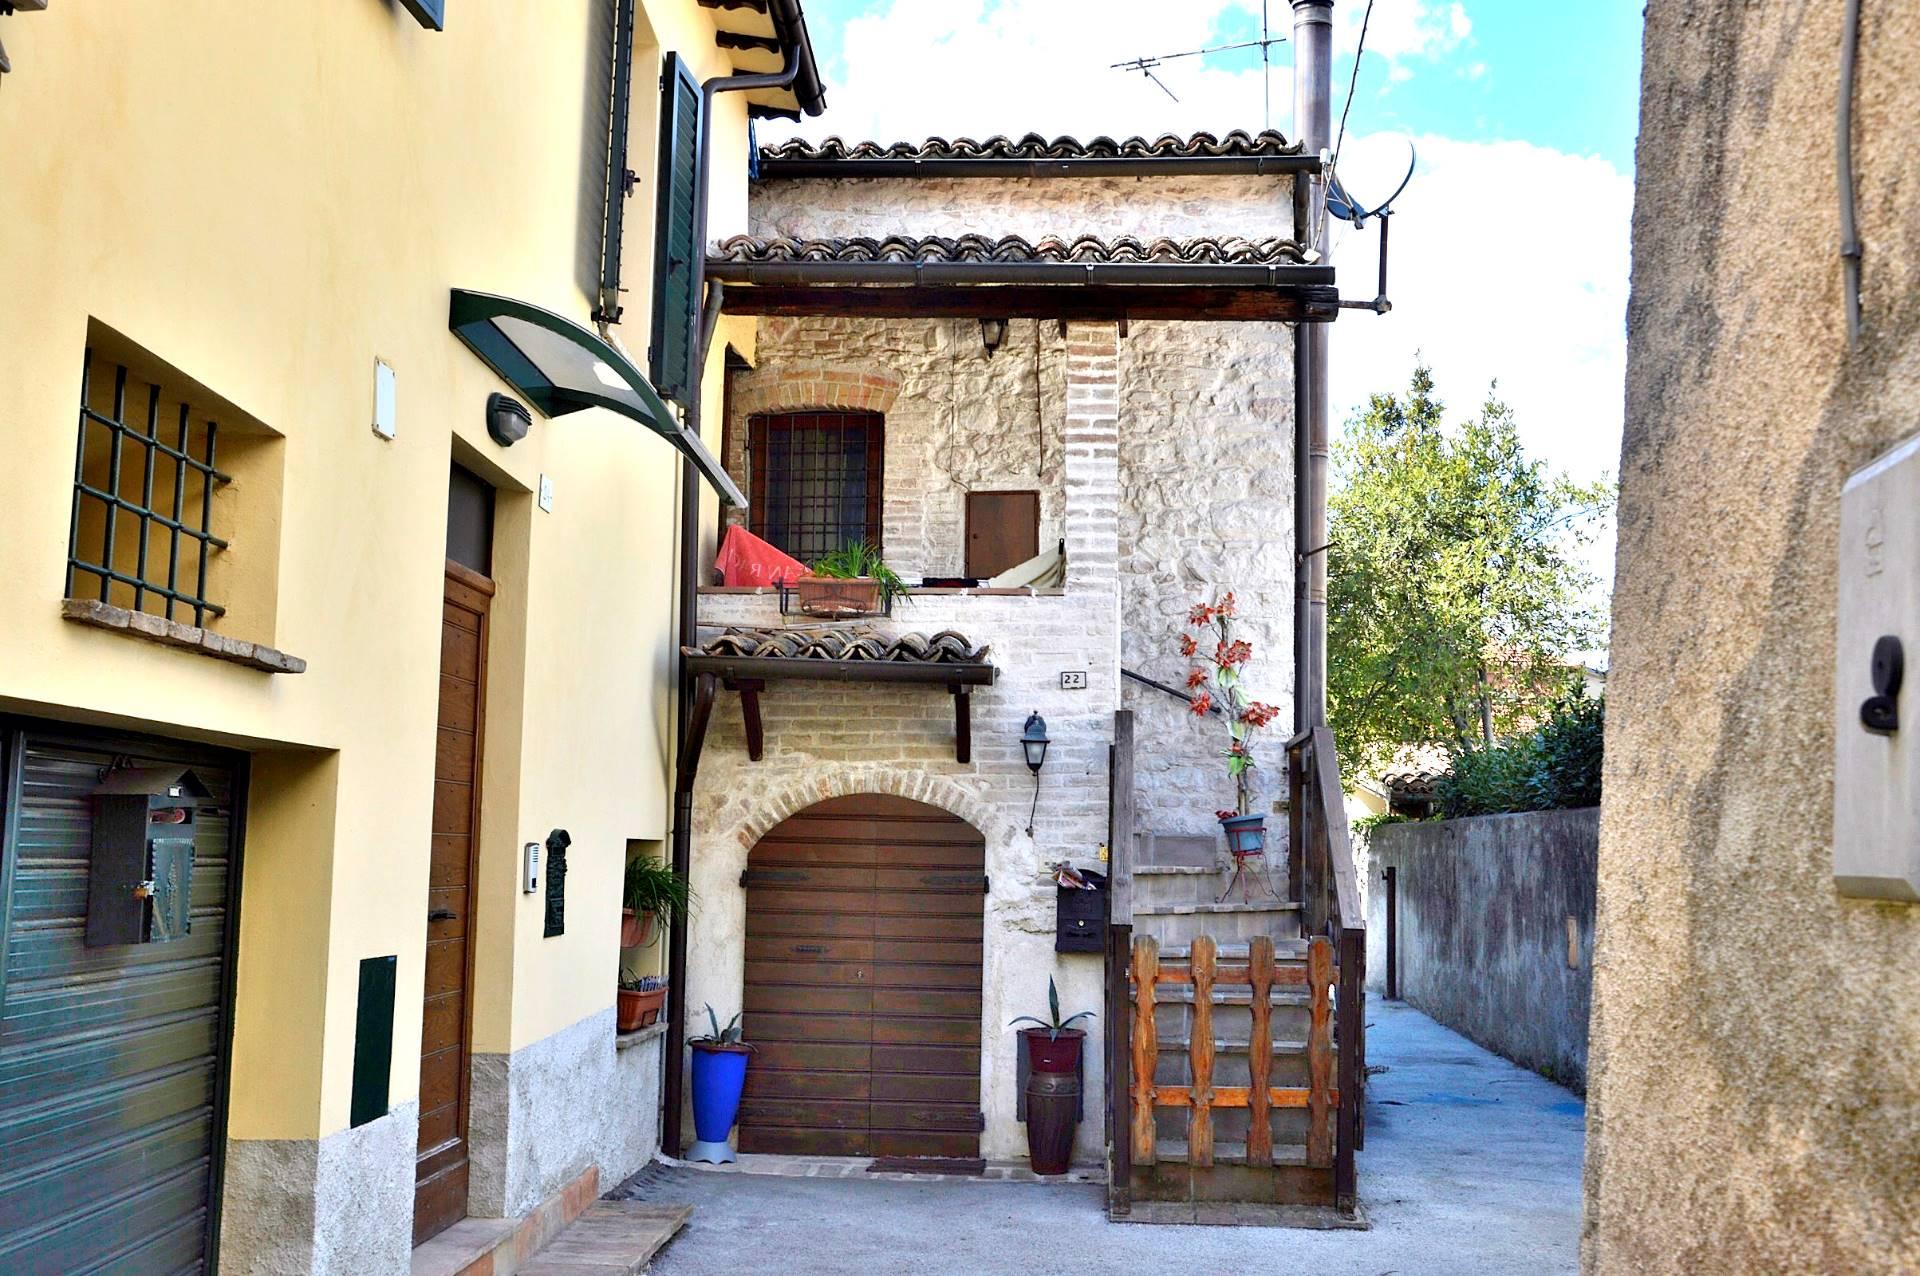 Appartamento in vendita a Foligno, 3 locali, prezzo € 55.000 | Cambio Casa.it